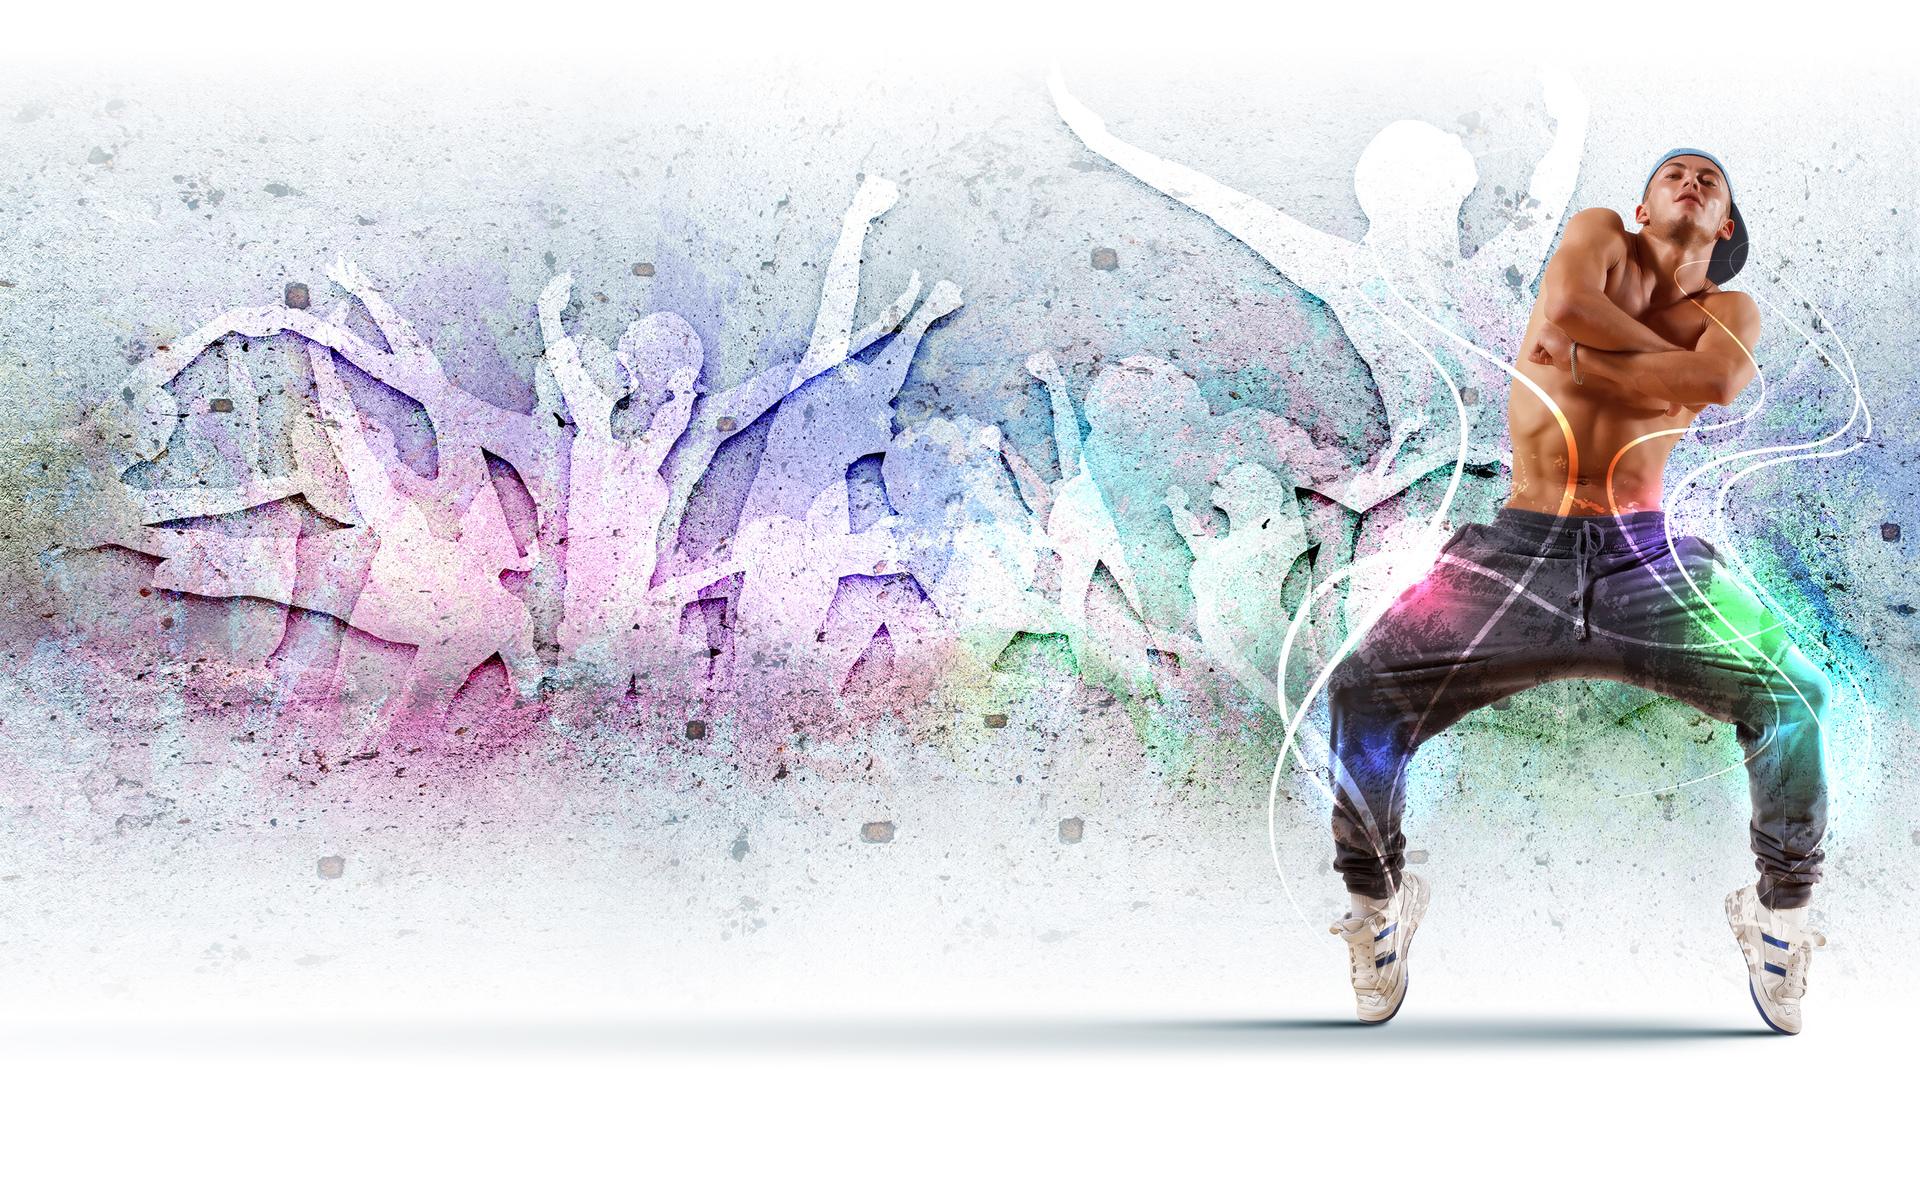 танец креативное dance creative  № 3510383 загрузить